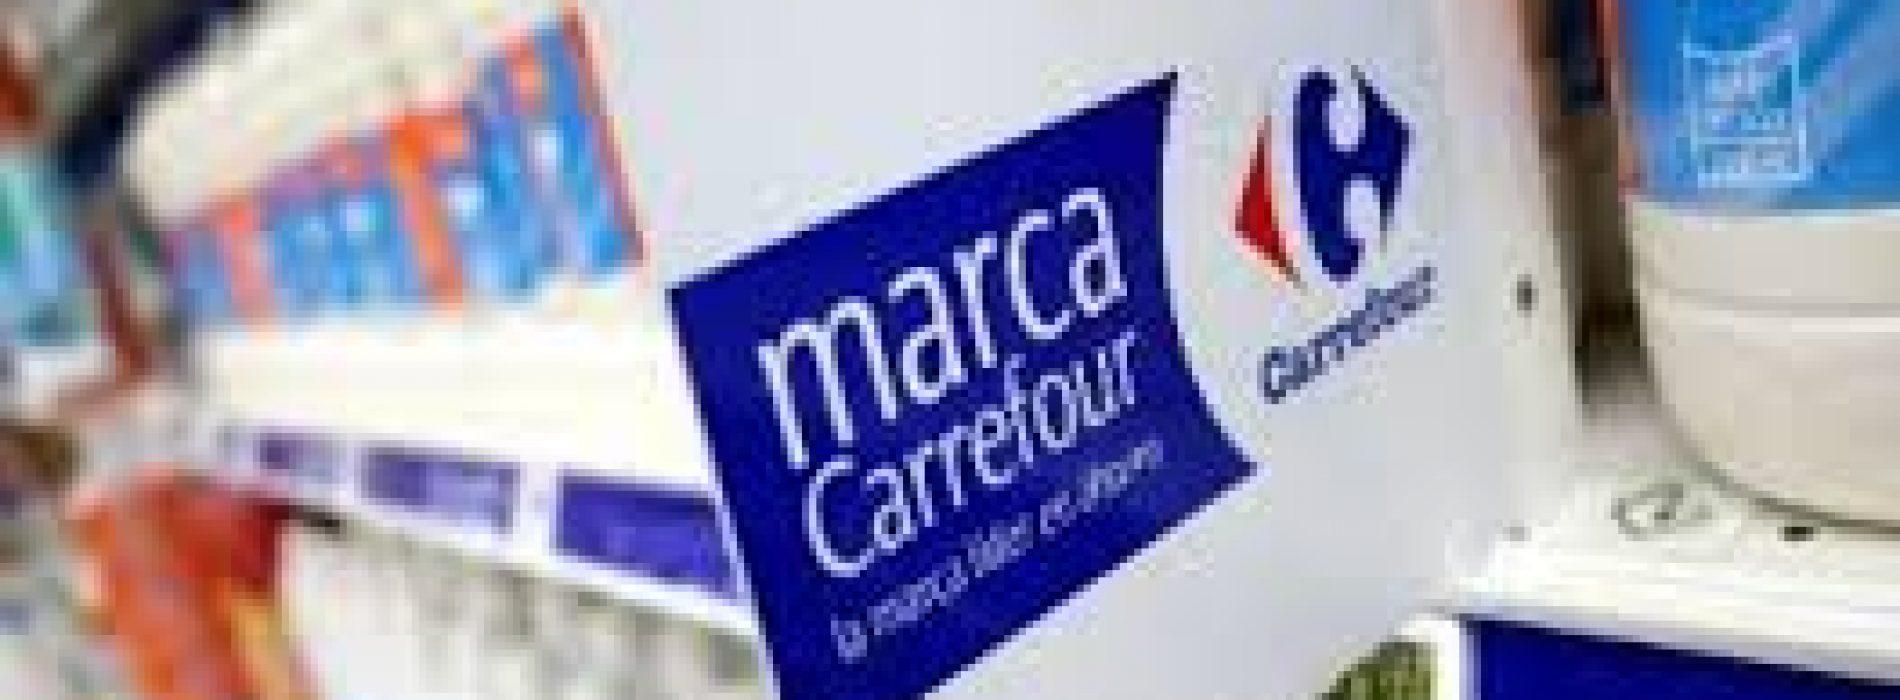 Carrefour Brasil registra lucro de R$ 389 milhões e quer intensificar marcas próprias